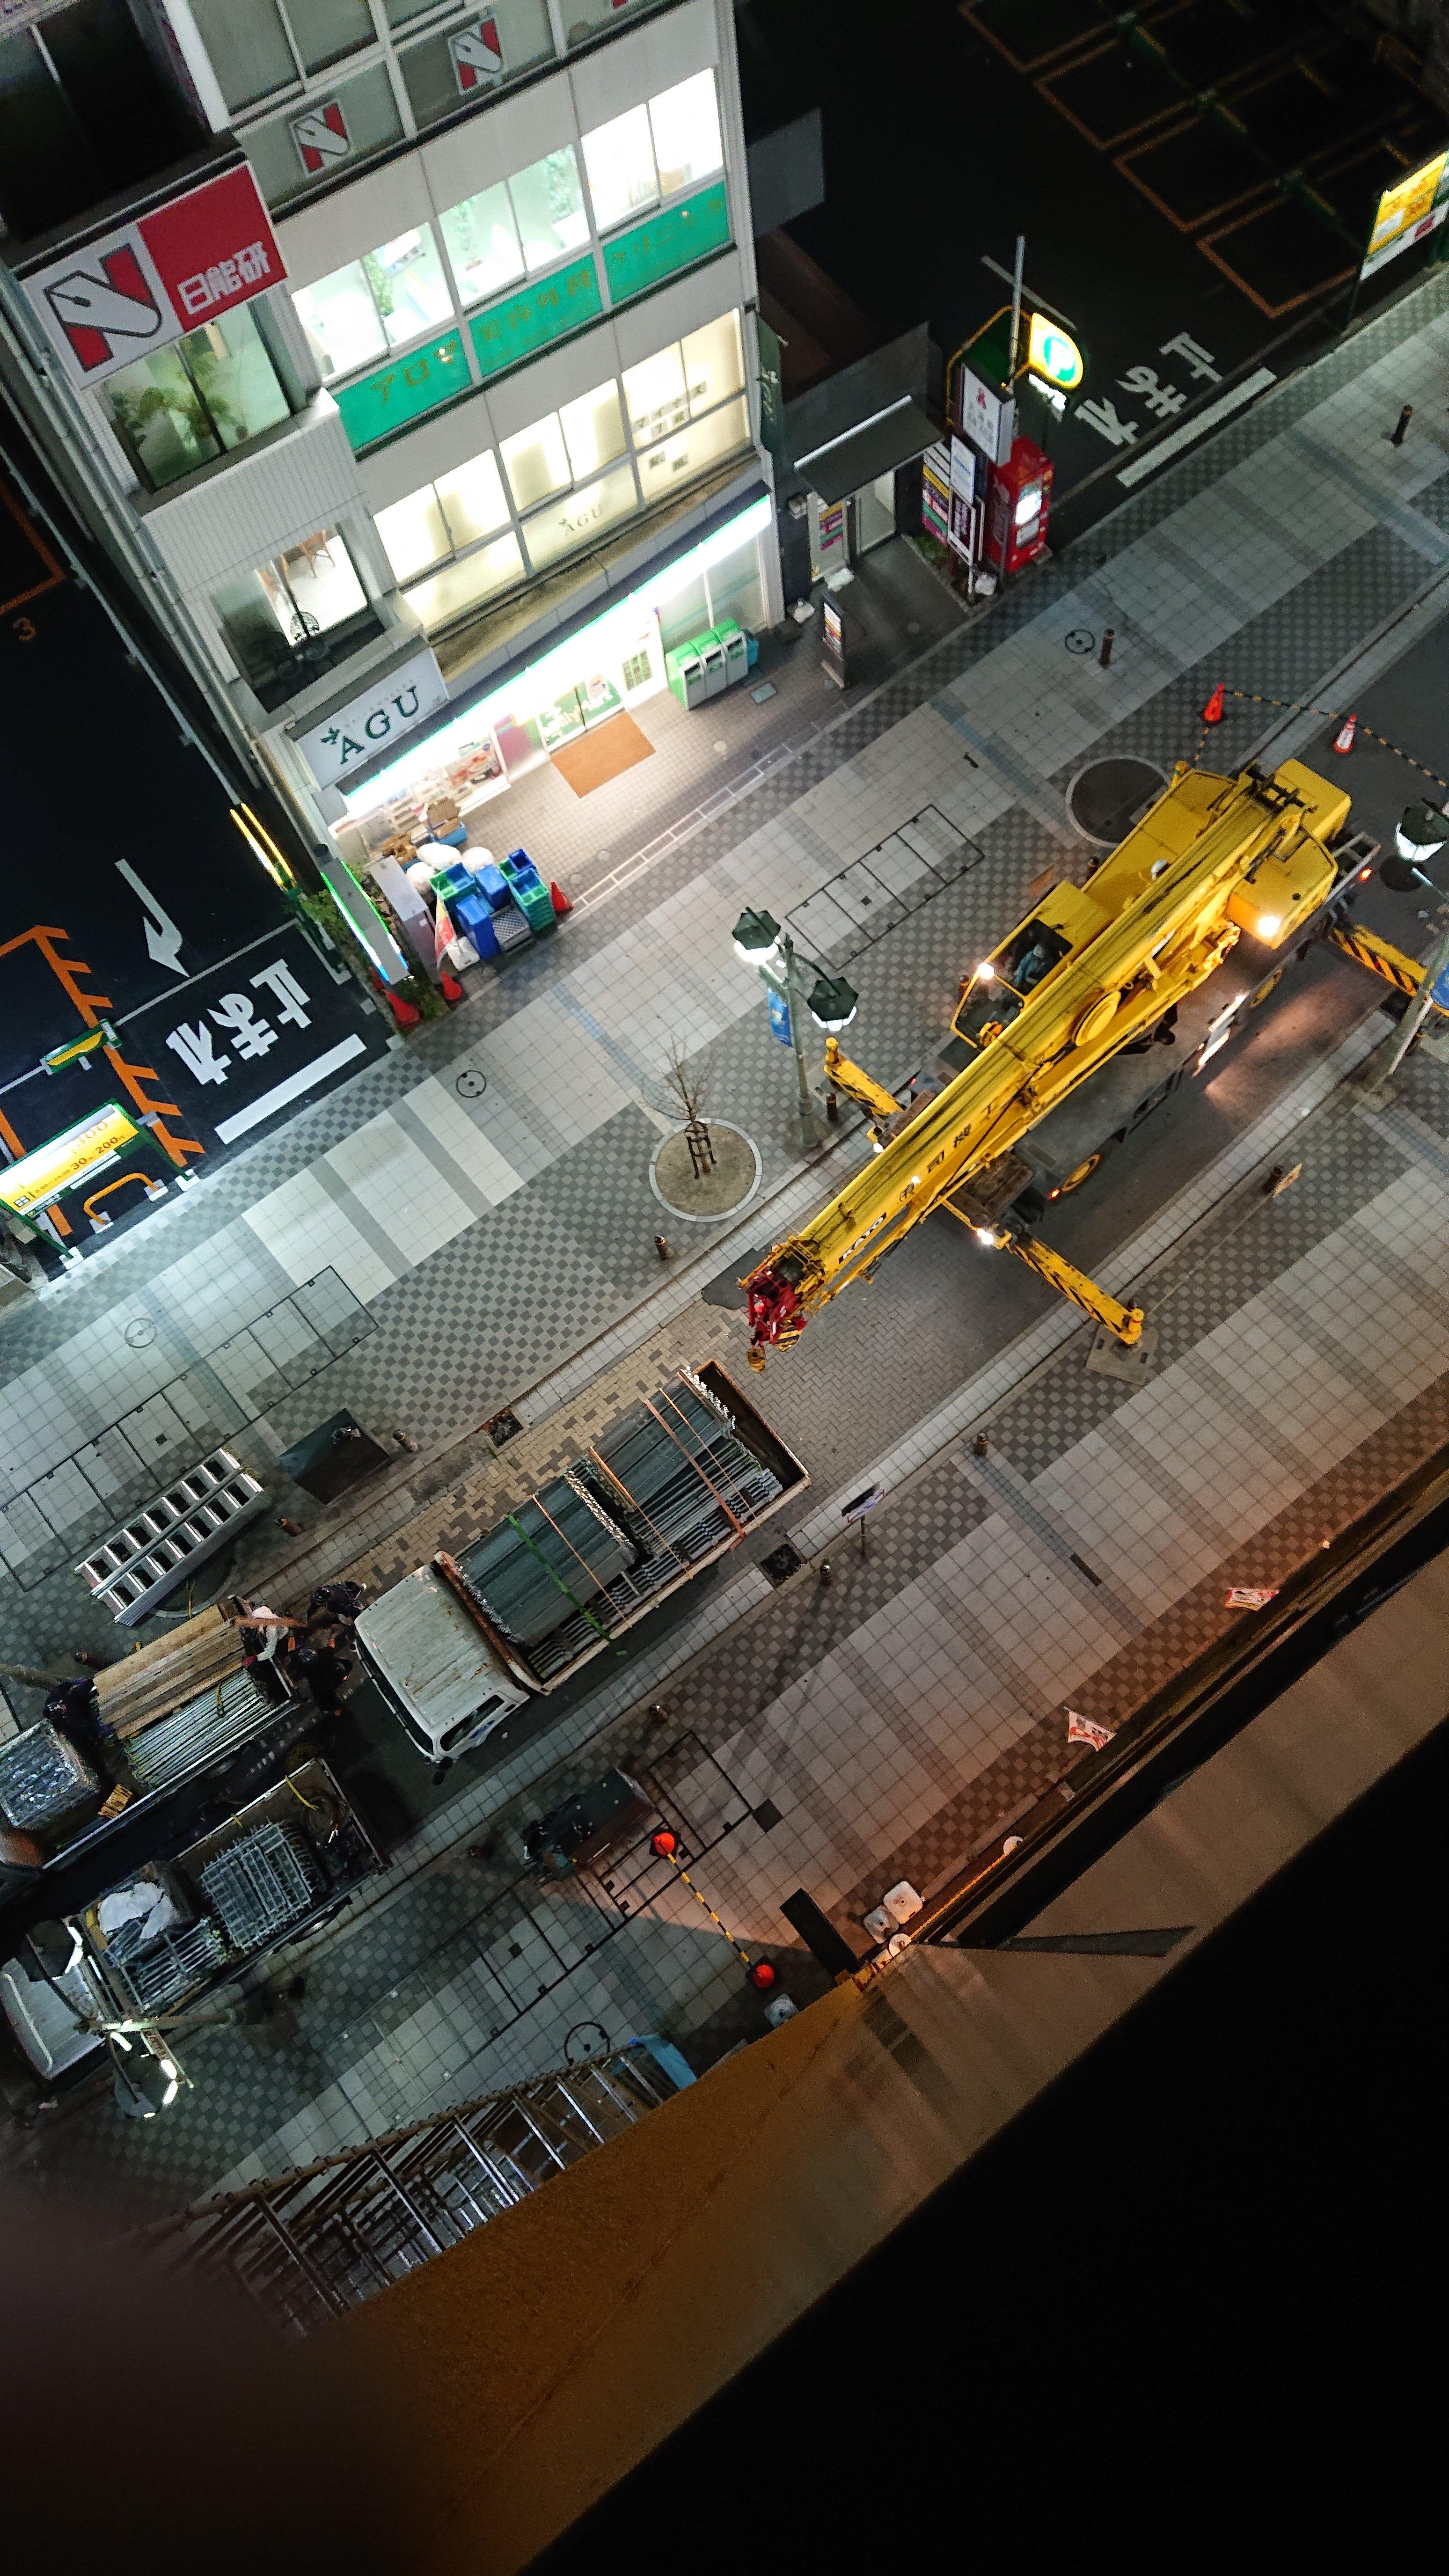 野崎工業 足場工事 施工事例                        神奈川県横須賀市                                    足場資材荷揚げ